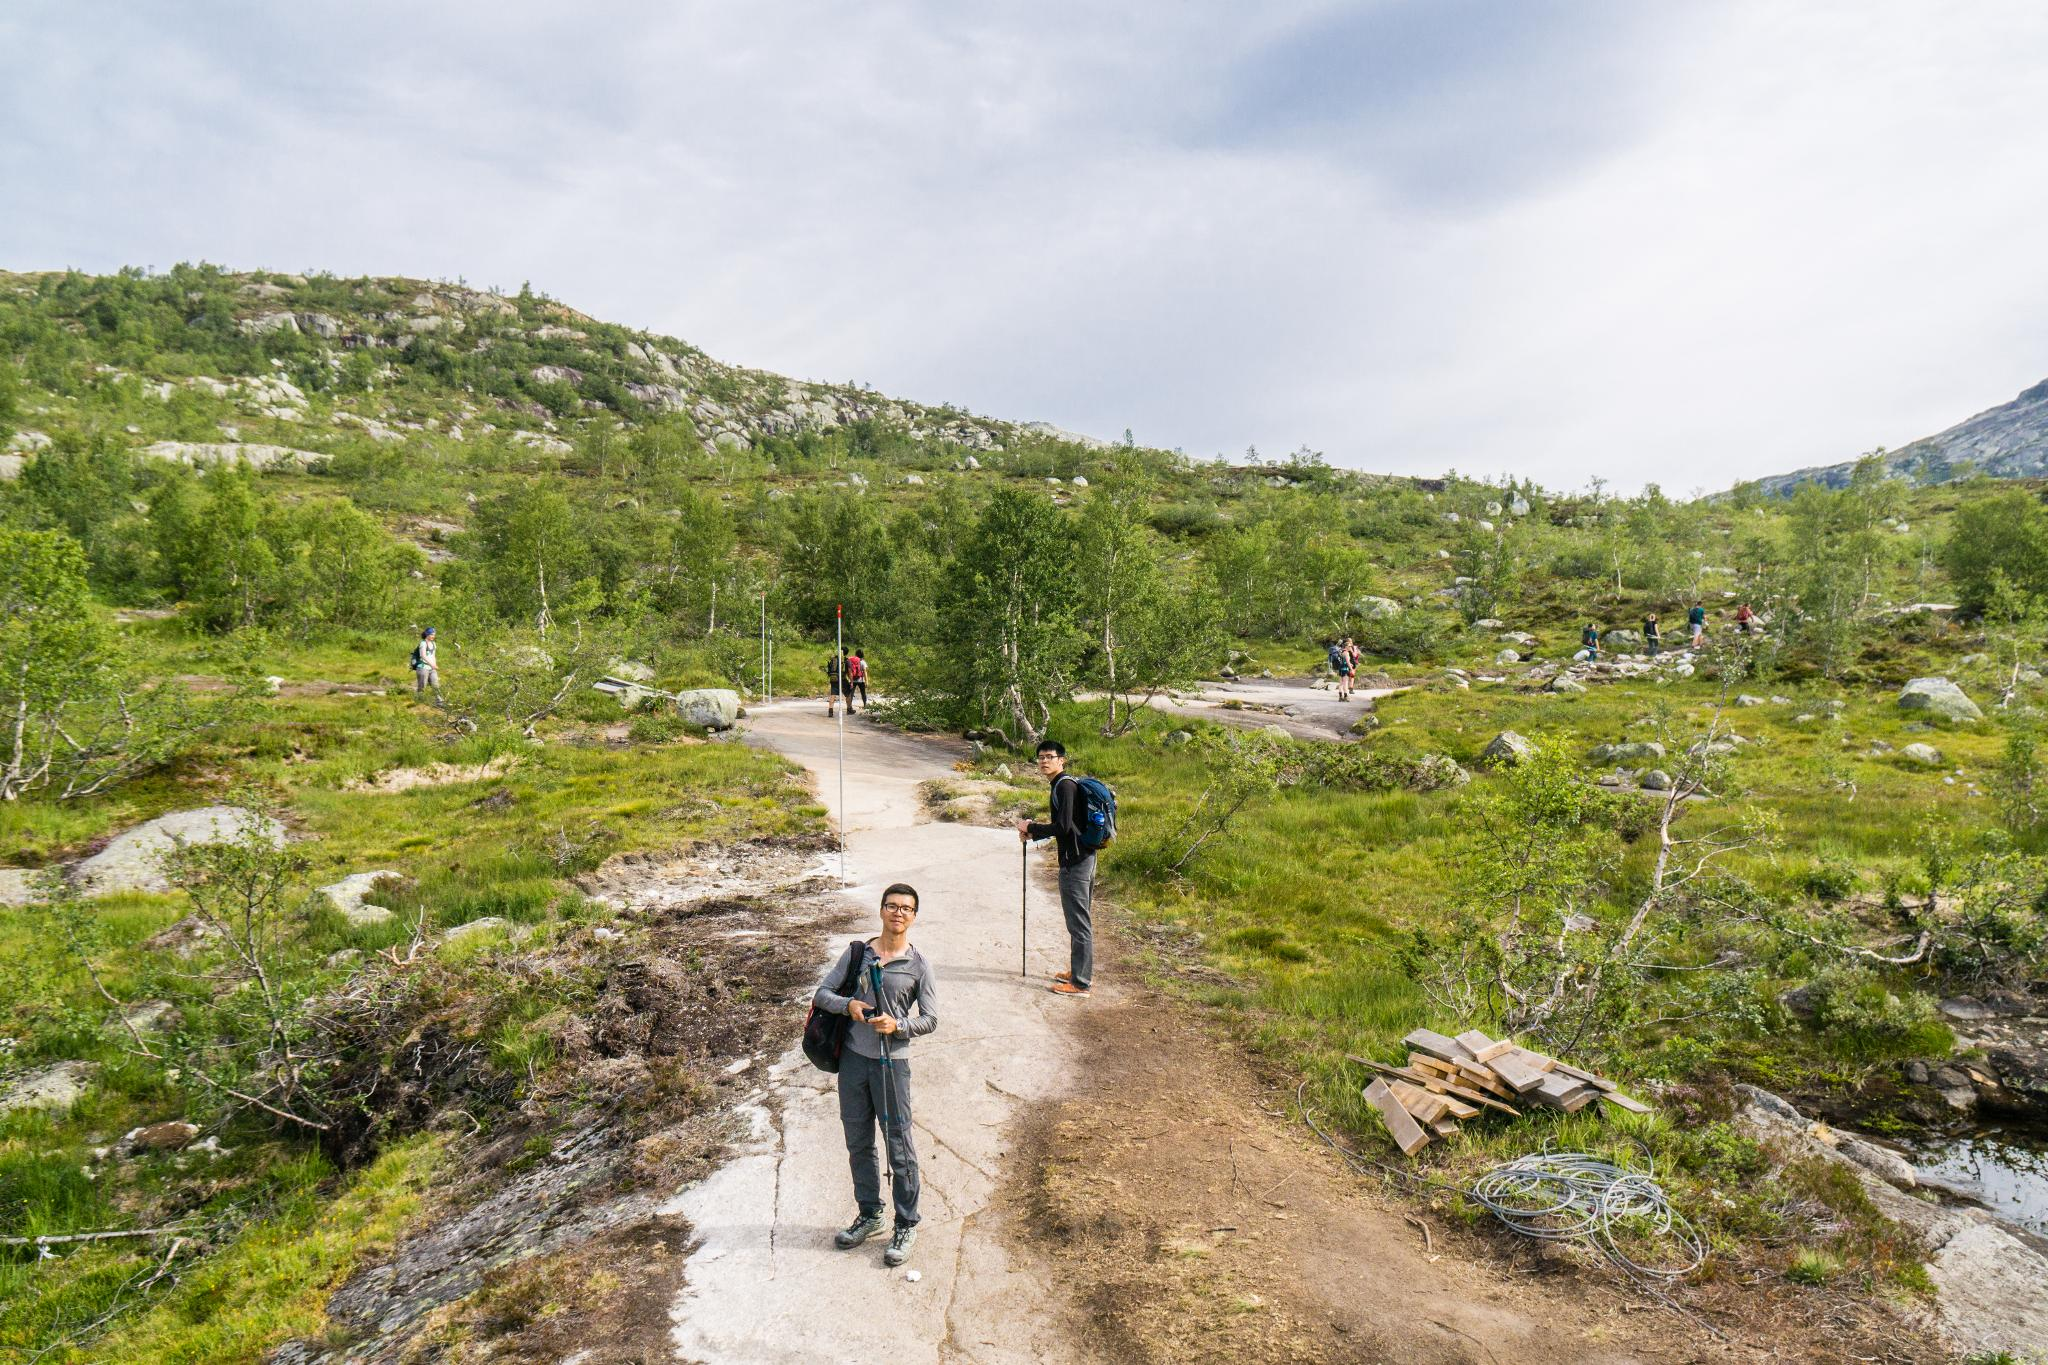 【北歐景點】挪威惡魔之舌 Trolltunga — 28公里健行挑戰全攻略 184